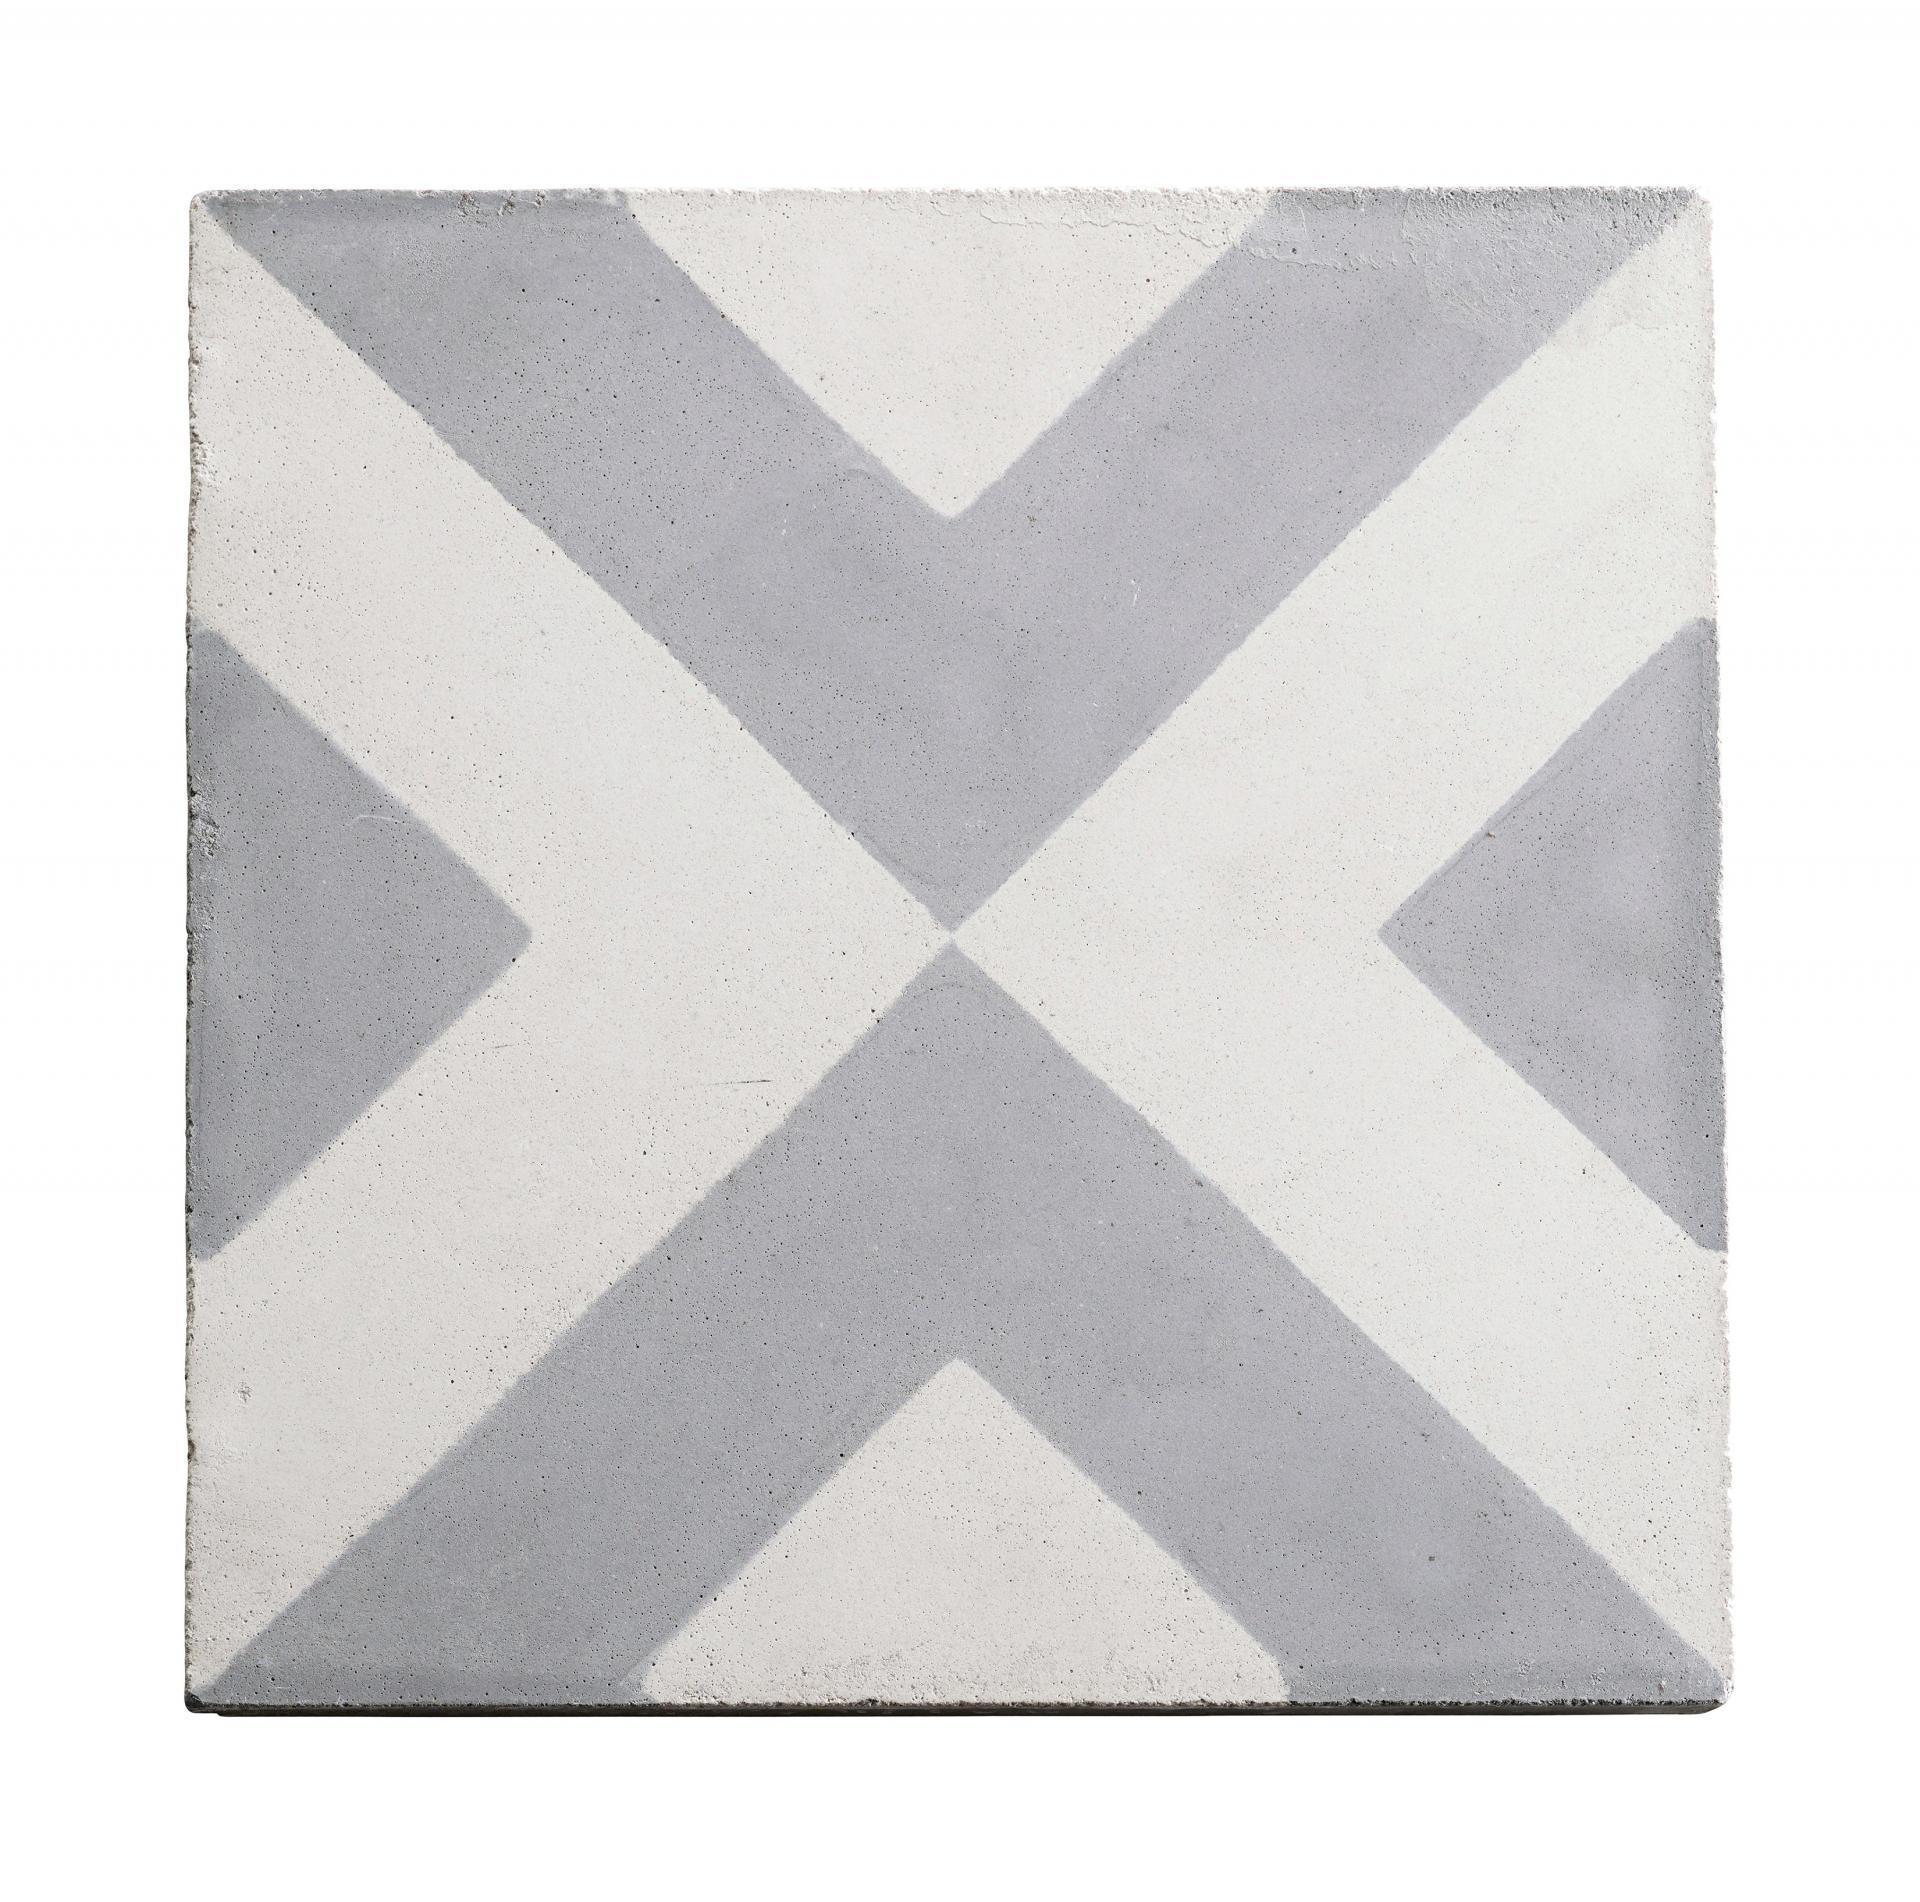 Tine K Home Cementová kachle Grey Pattern, šedá barva, beton